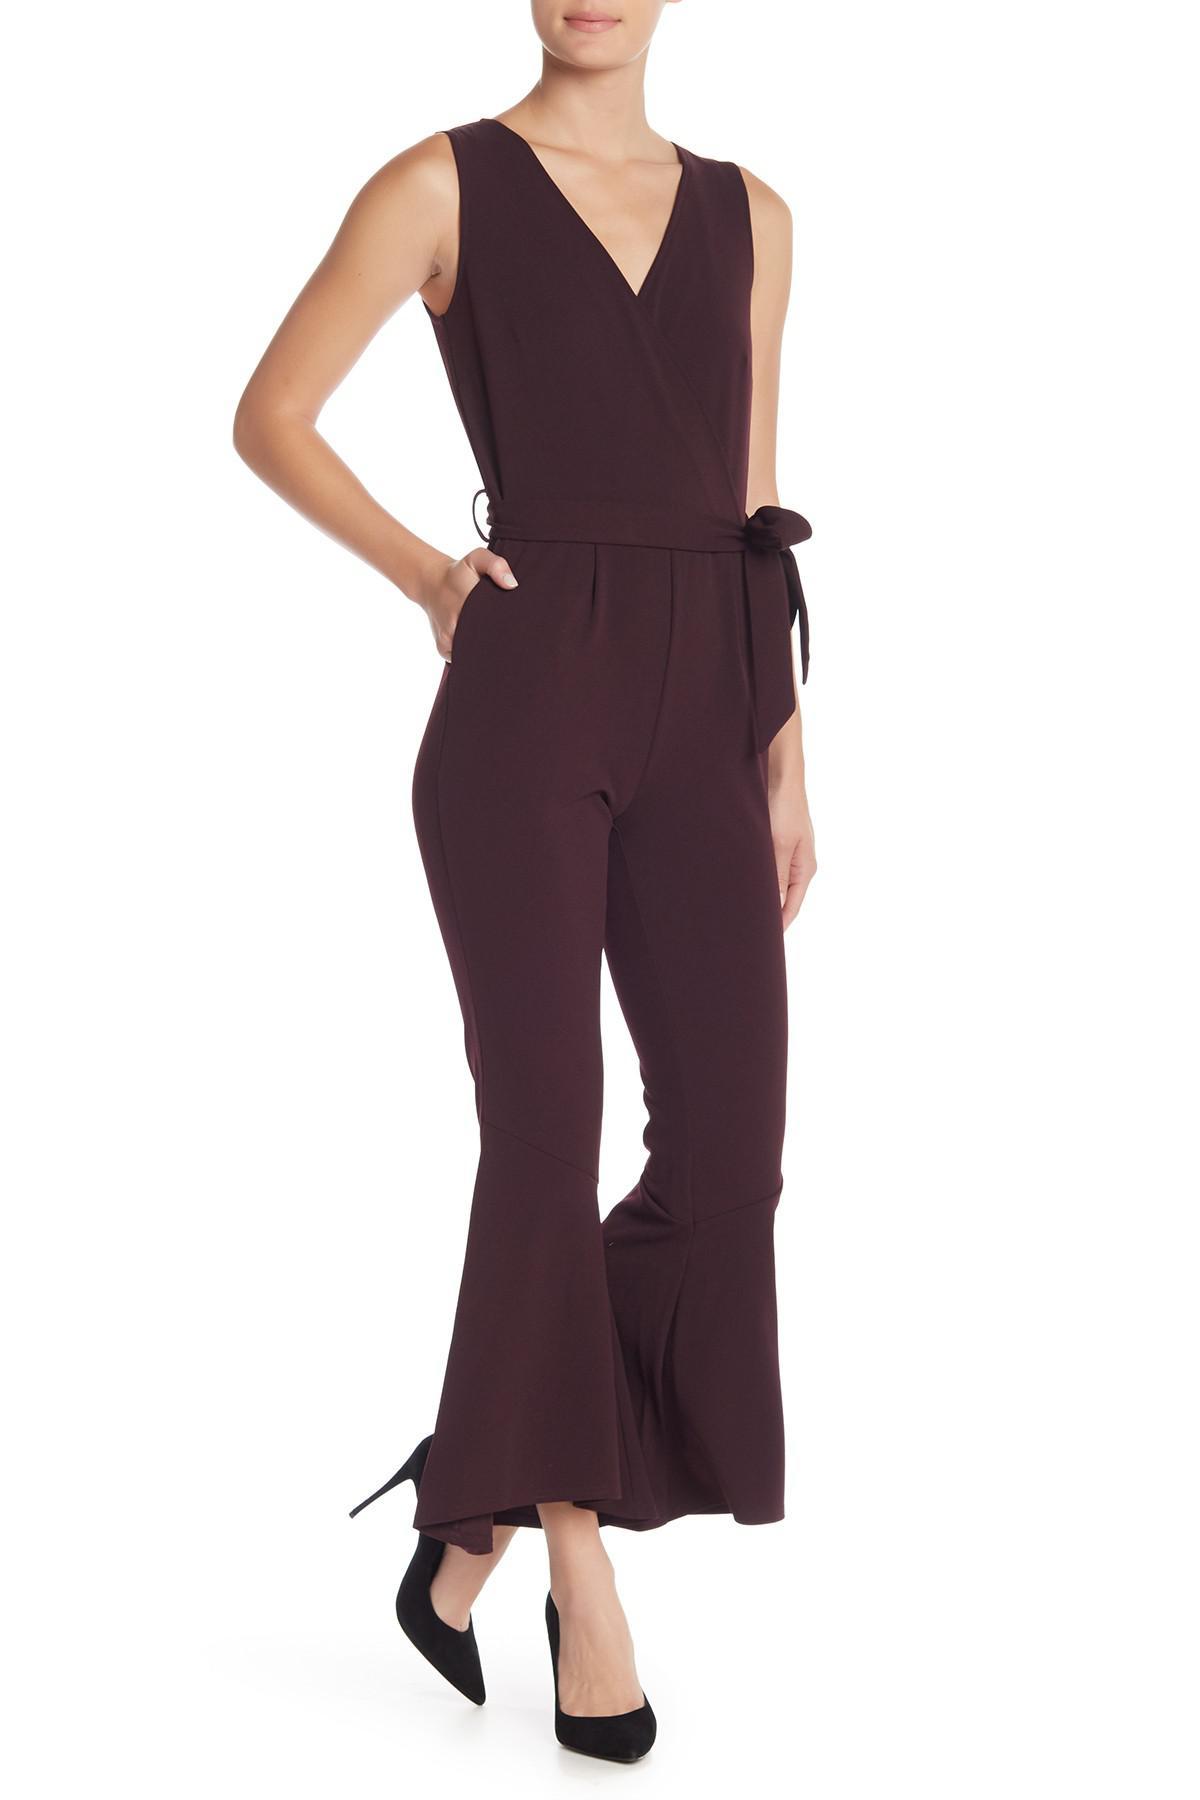 a3c3c5d8f6e Lyst - Spense Surplice Scuba Waist Tie Jumpsuit in Purple